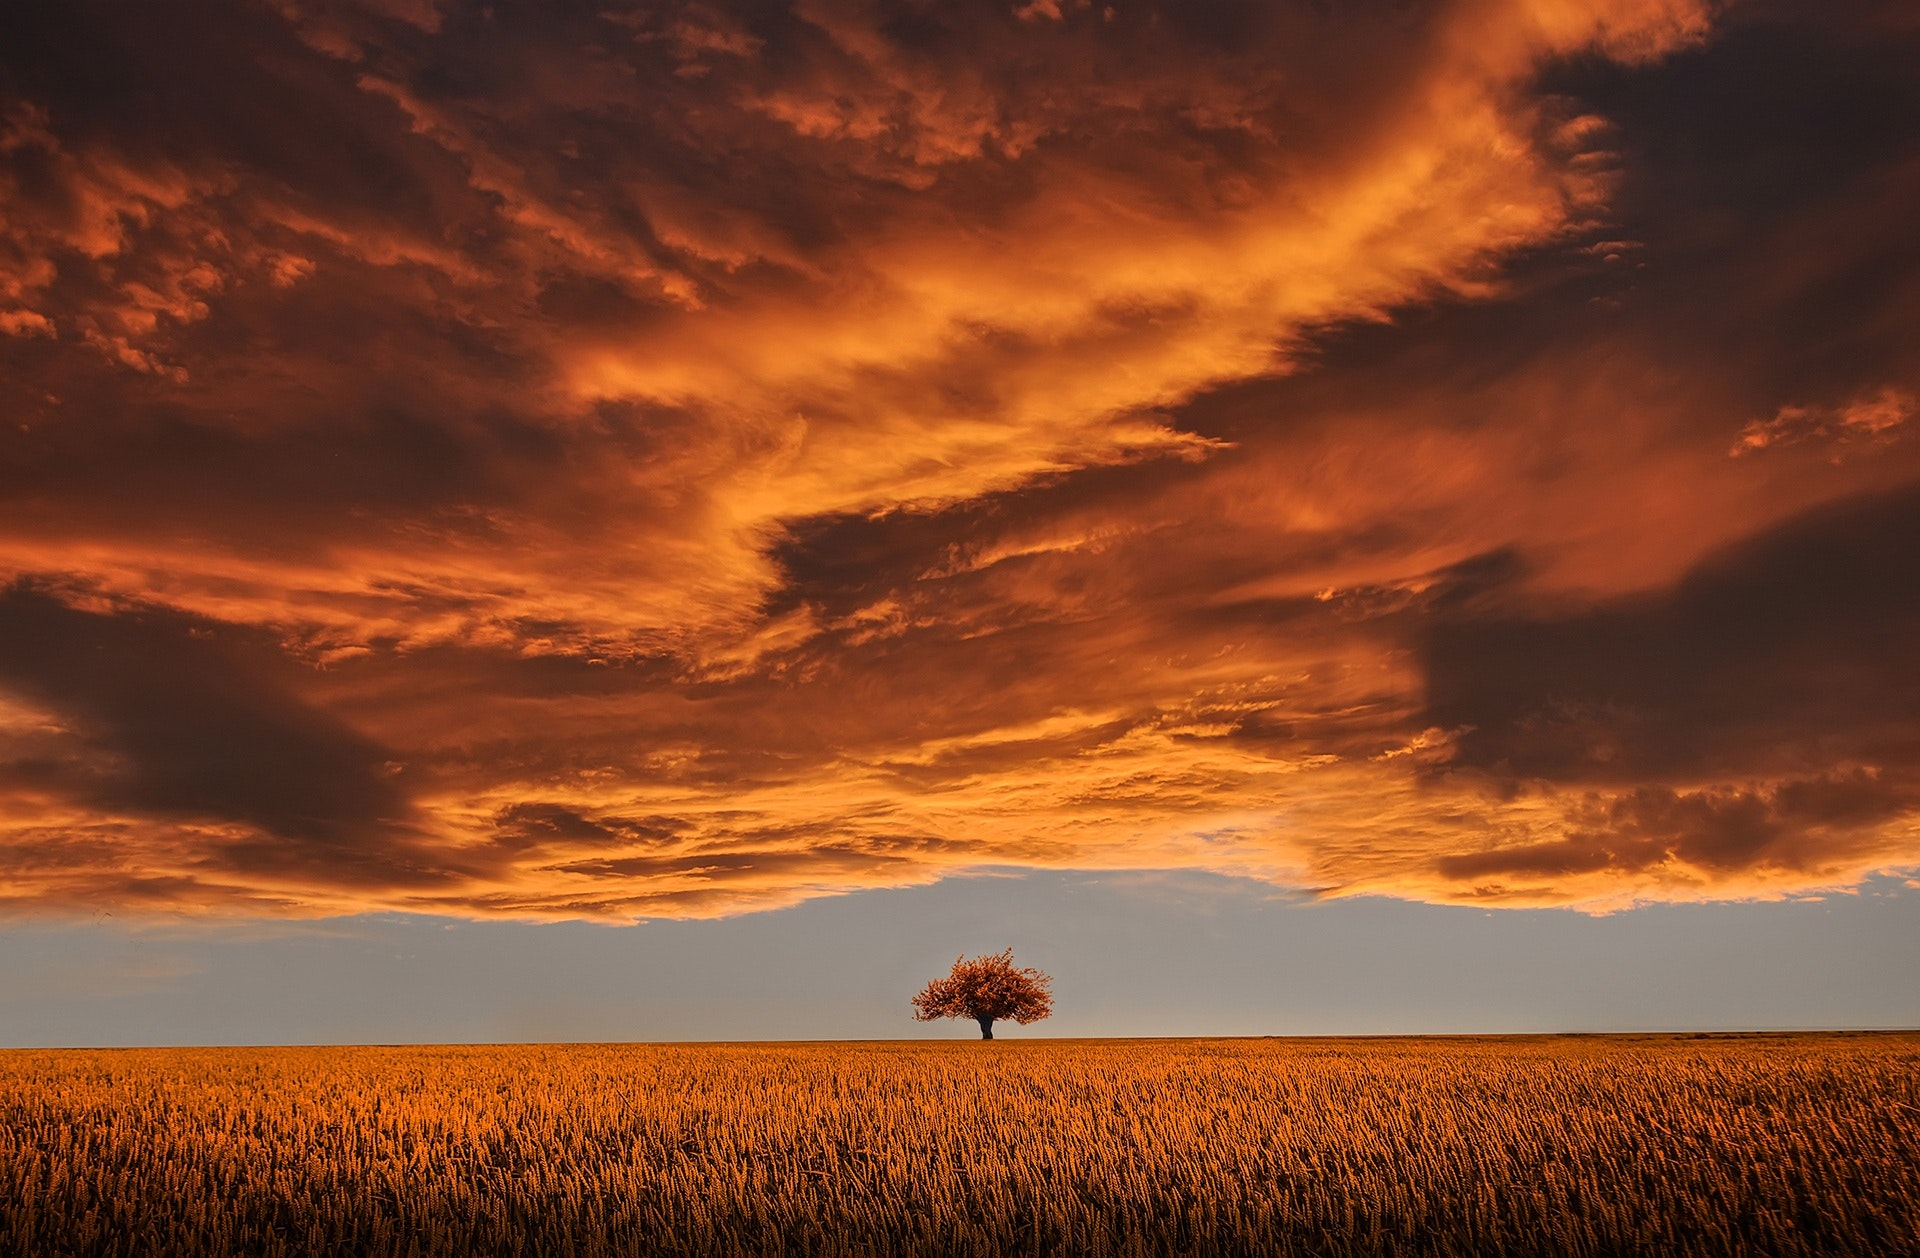 albero isolato in un campo